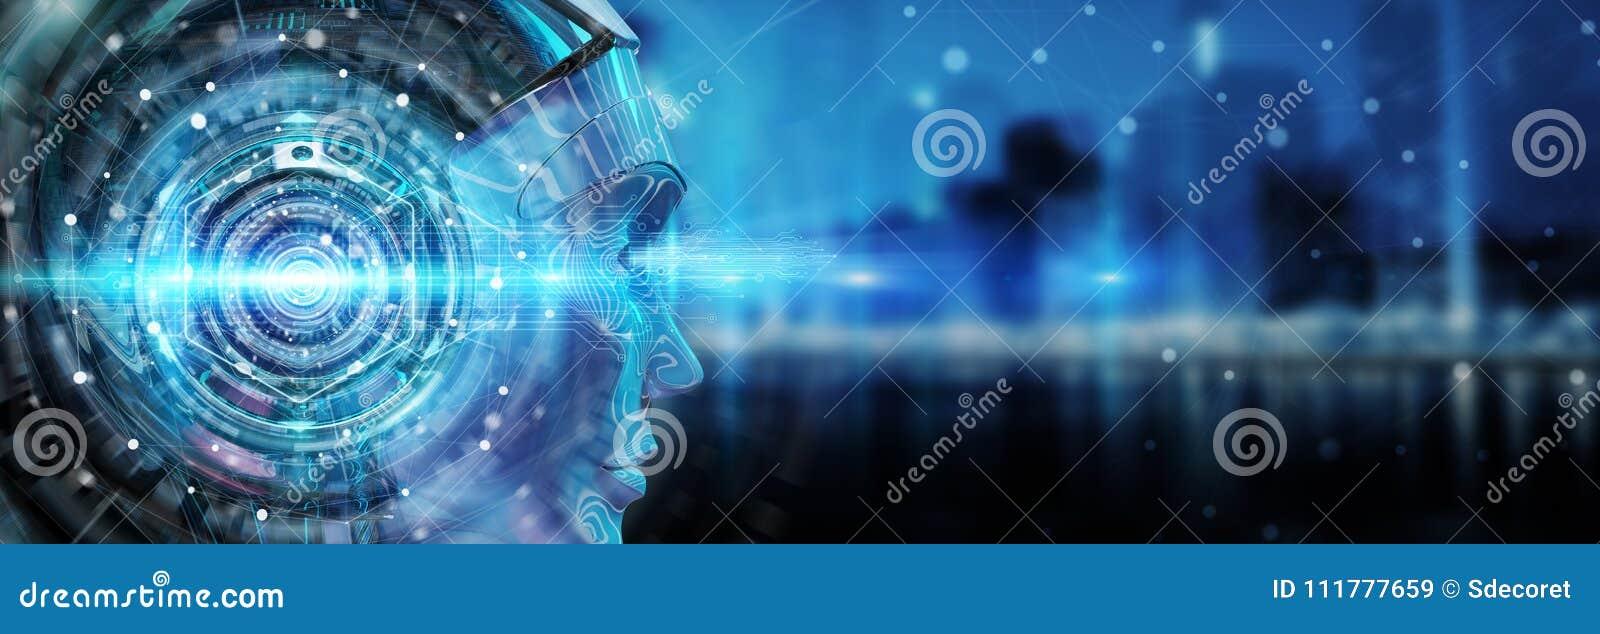 Cyborghoofd die kunstmatige intelligentie gebruiken om digitale inte tot stand te brengen